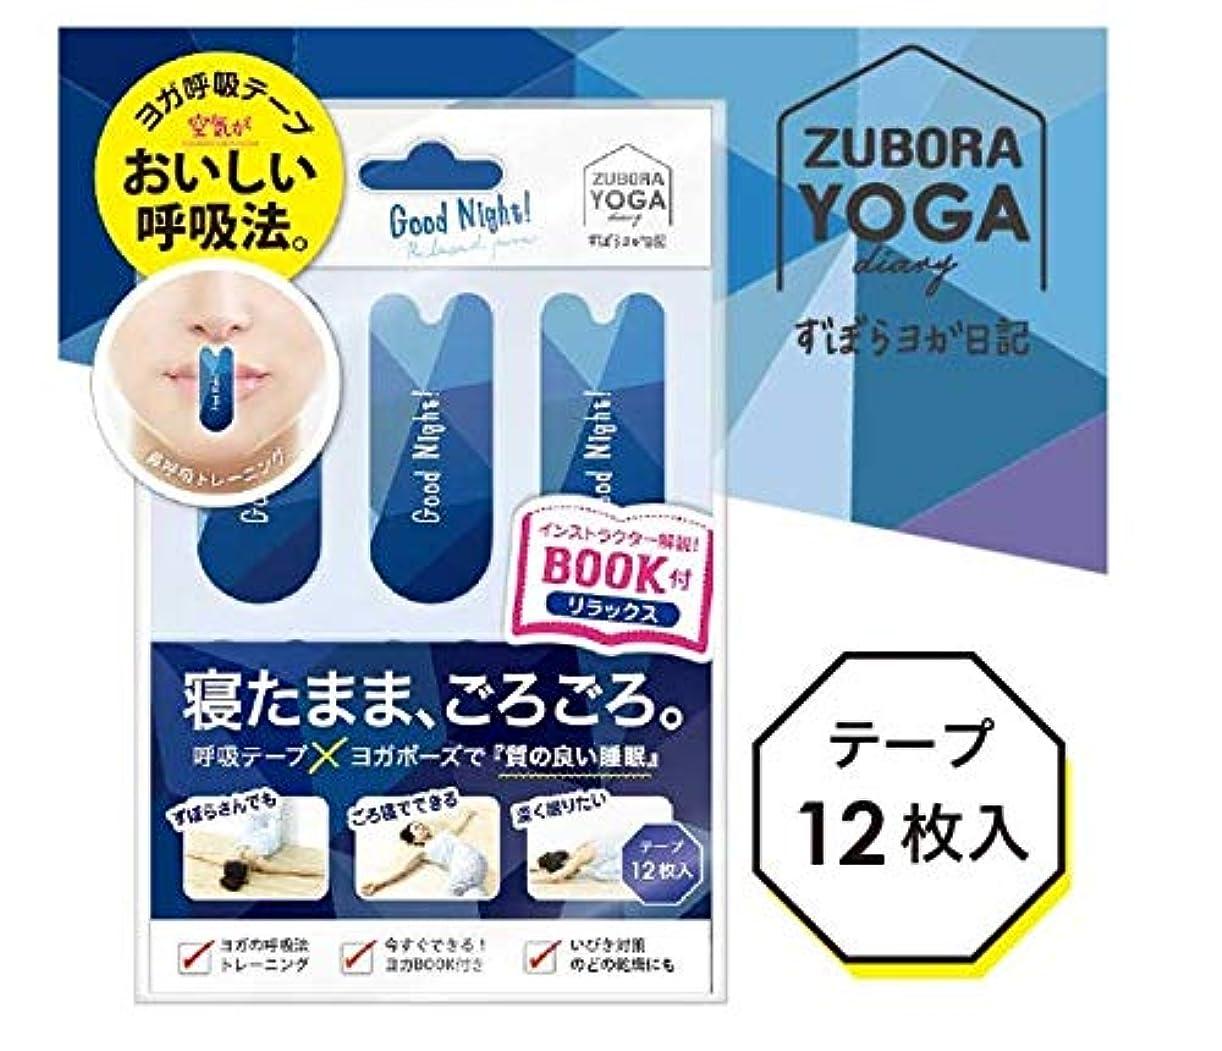 ウッズ王子ペットメール便 BW ヨガ呼吸テープ 12枚入 リラックス エクササイズ ヘルシー 呼吸法 鼻呼吸 トレーニング テープ いびき対策 ヨガ リフレッシュ 健康 睡眠 (YTK683)